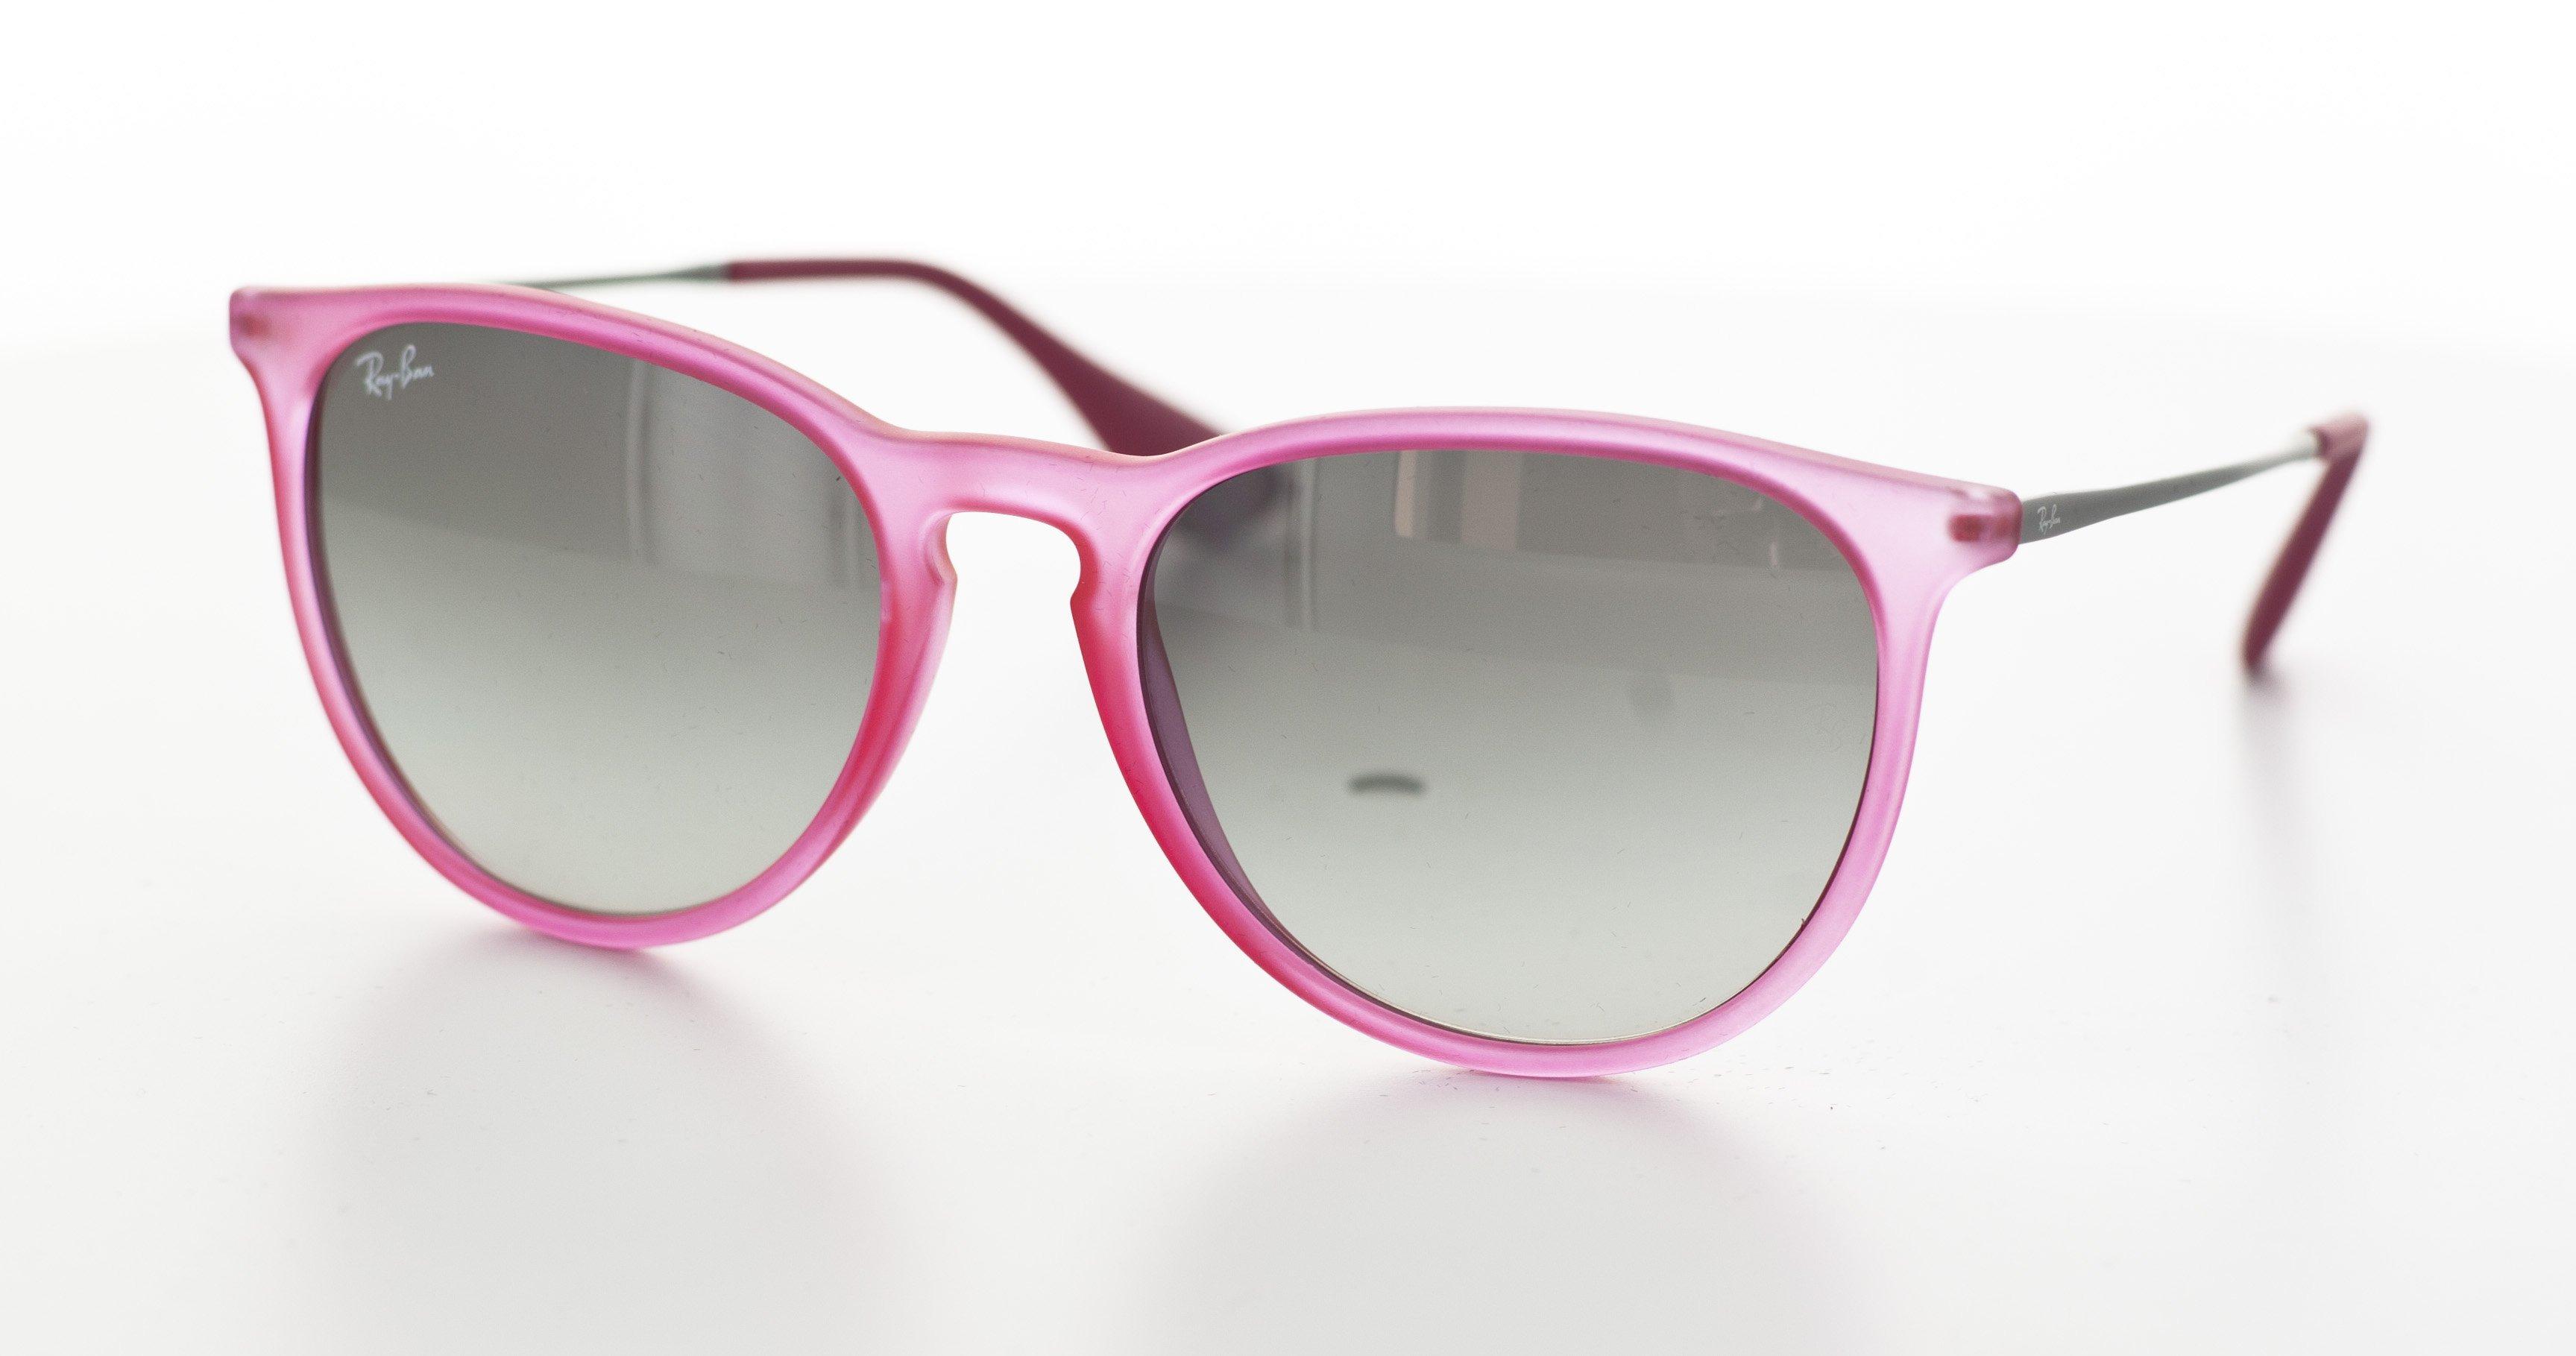 ray ban sonnenbrille rosa gläser